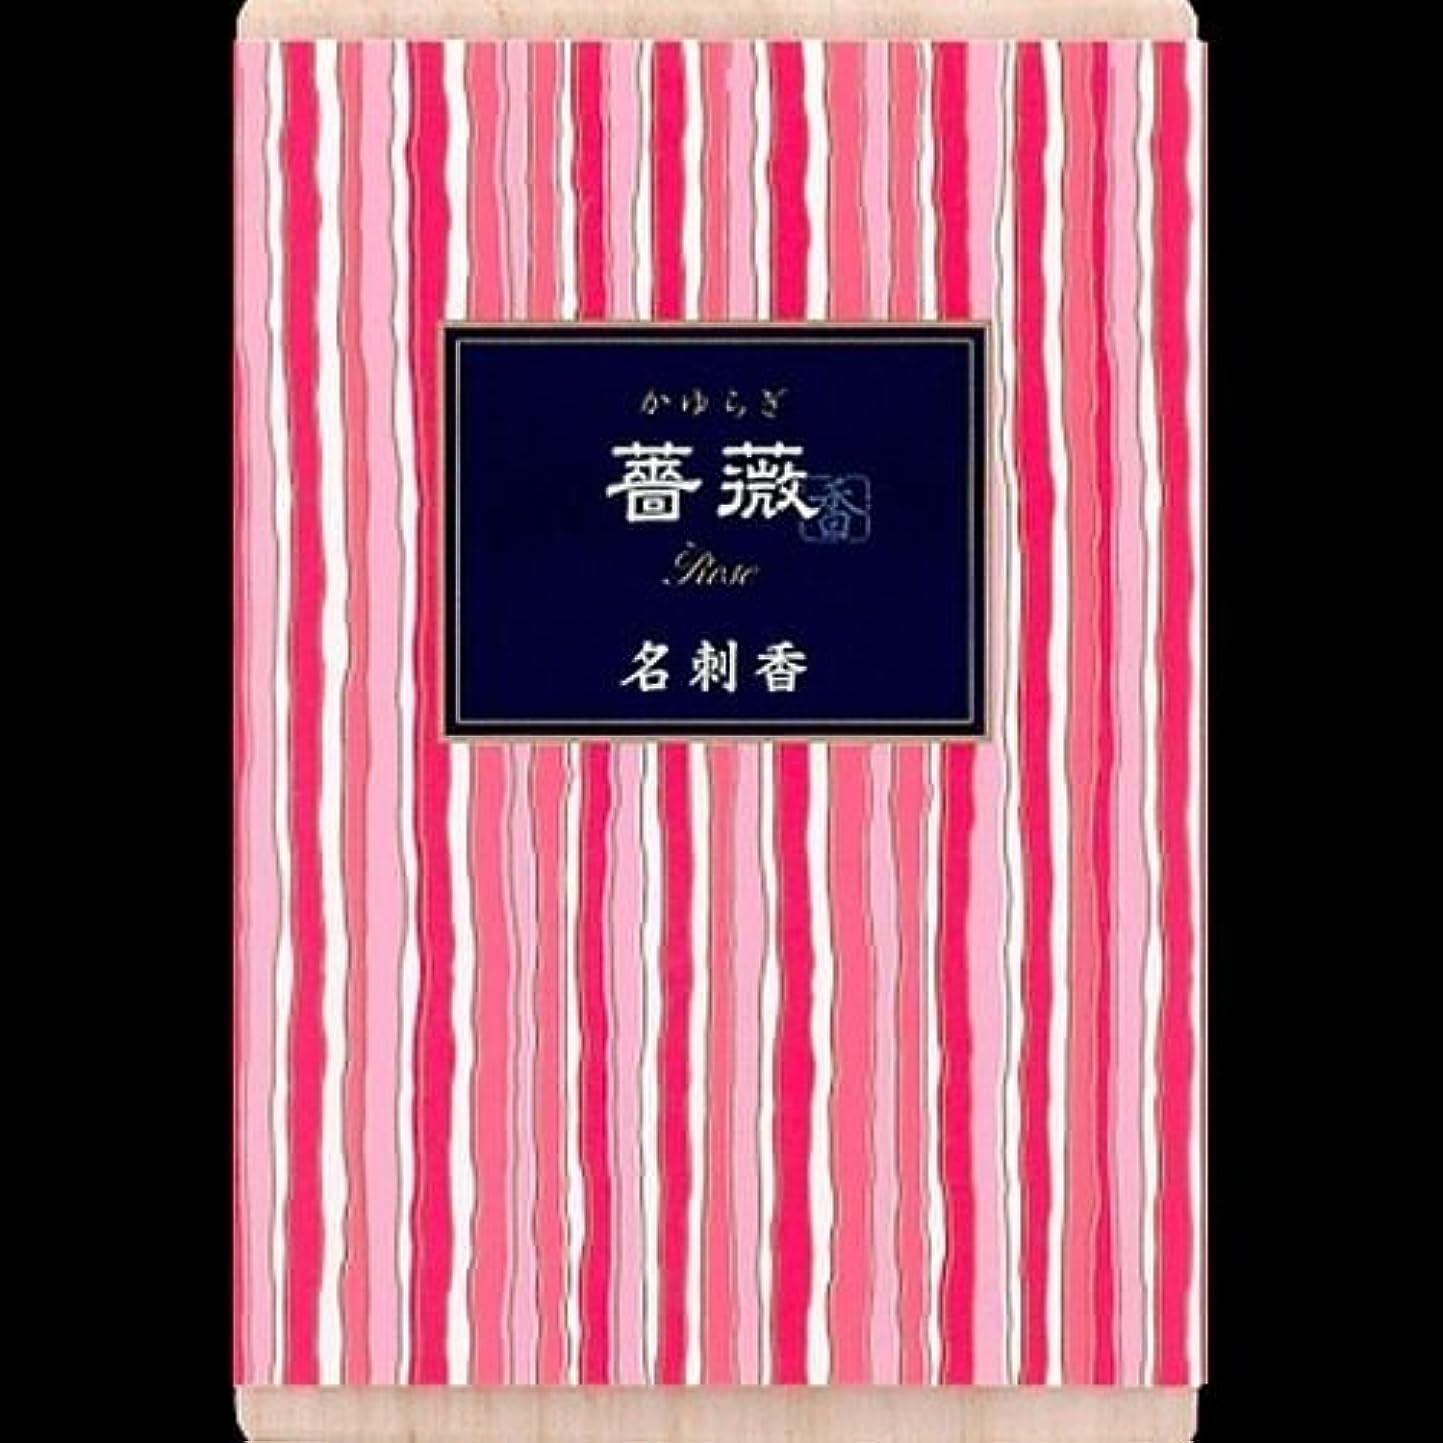 大使ぼかし輝度【まとめ買い】かゆらぎ 薔薇 名刺香 桐箱 6入 ×2セット